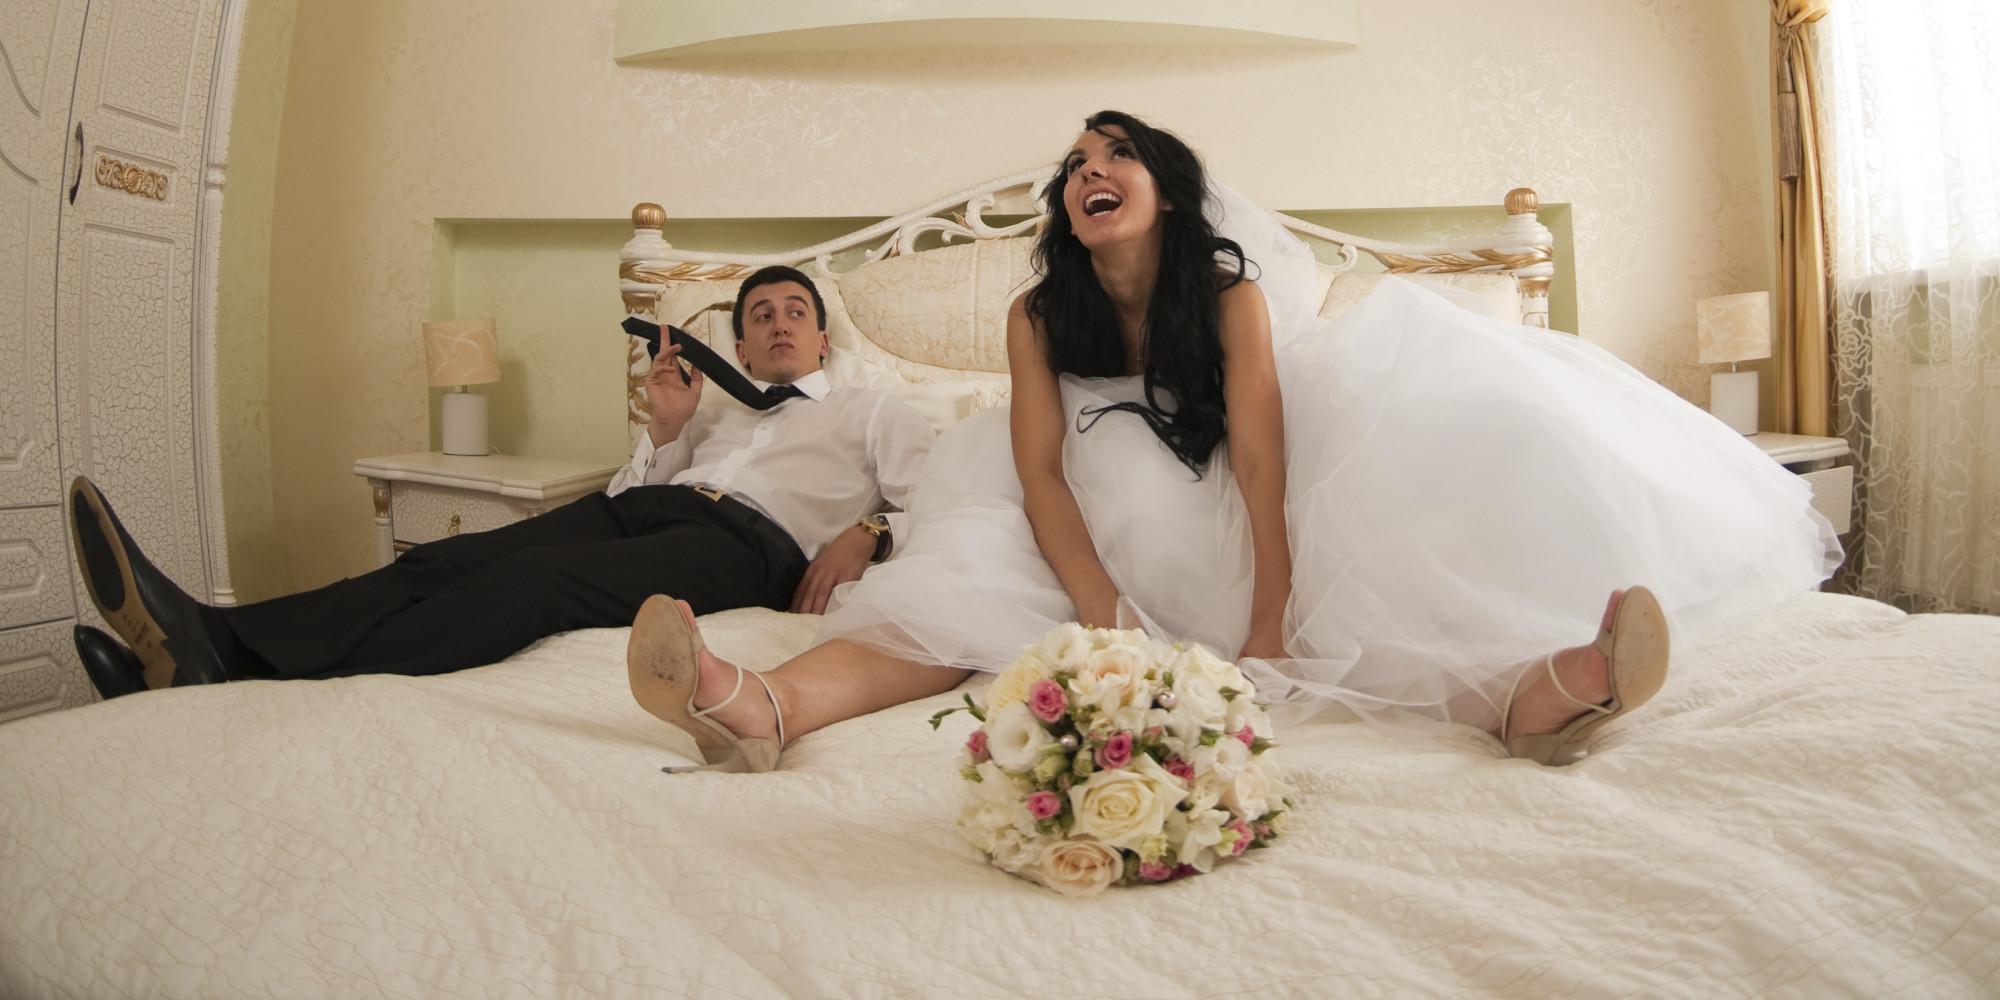 Фото брачной ночи 1 фотография